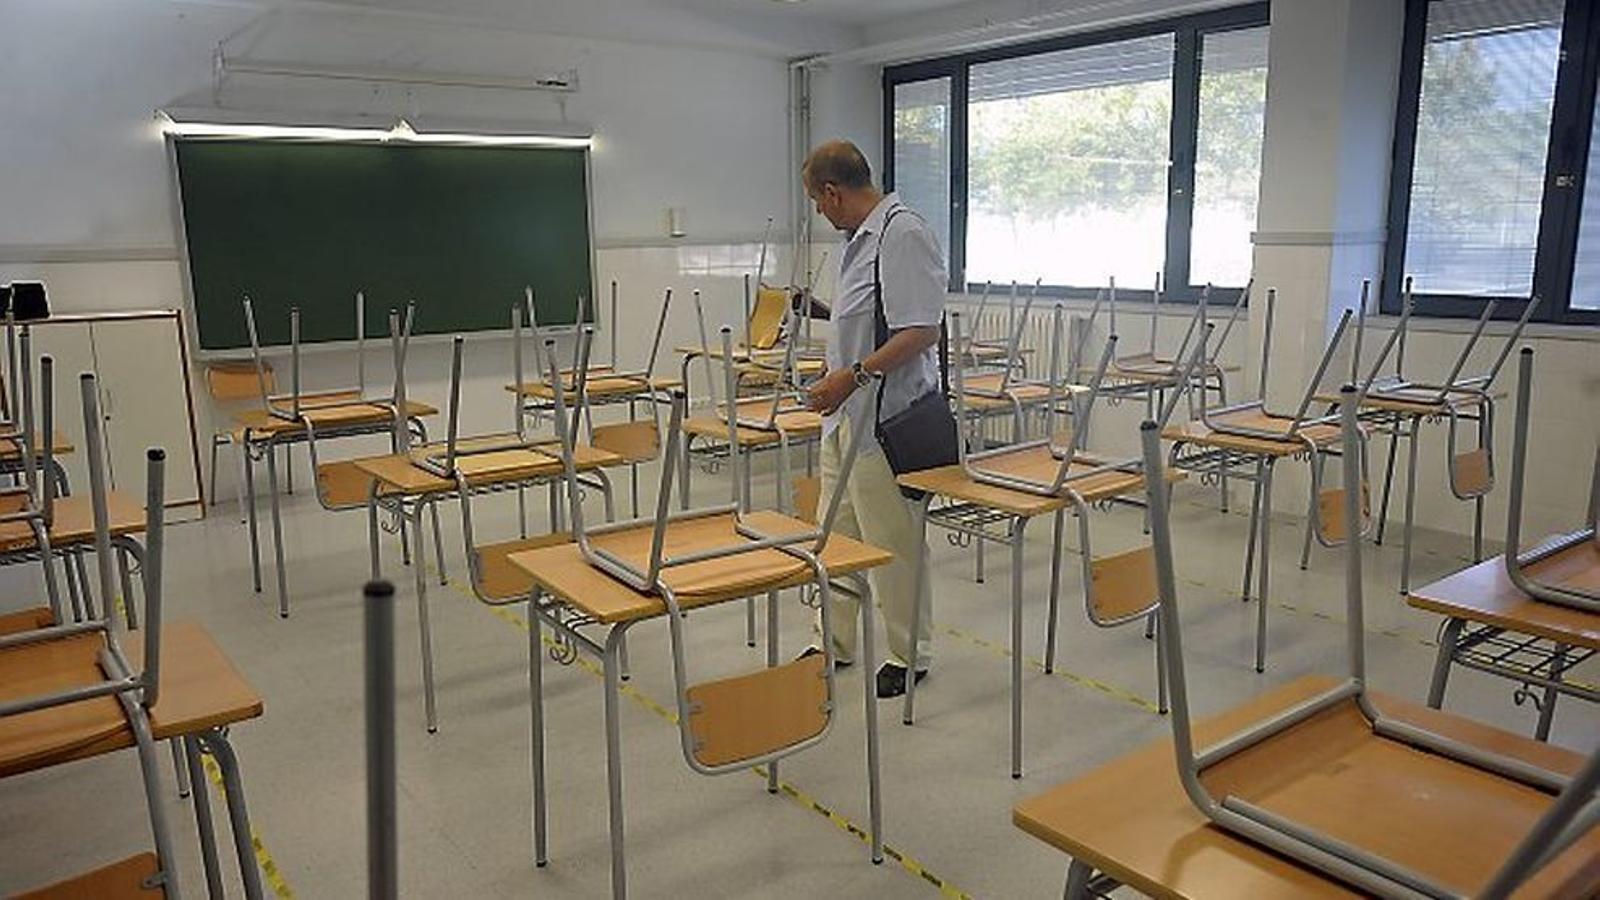 La Conselleria d'Educació ha fet arribar el Protocol de desescalada a diferents col·lectius de la comunitat educativa